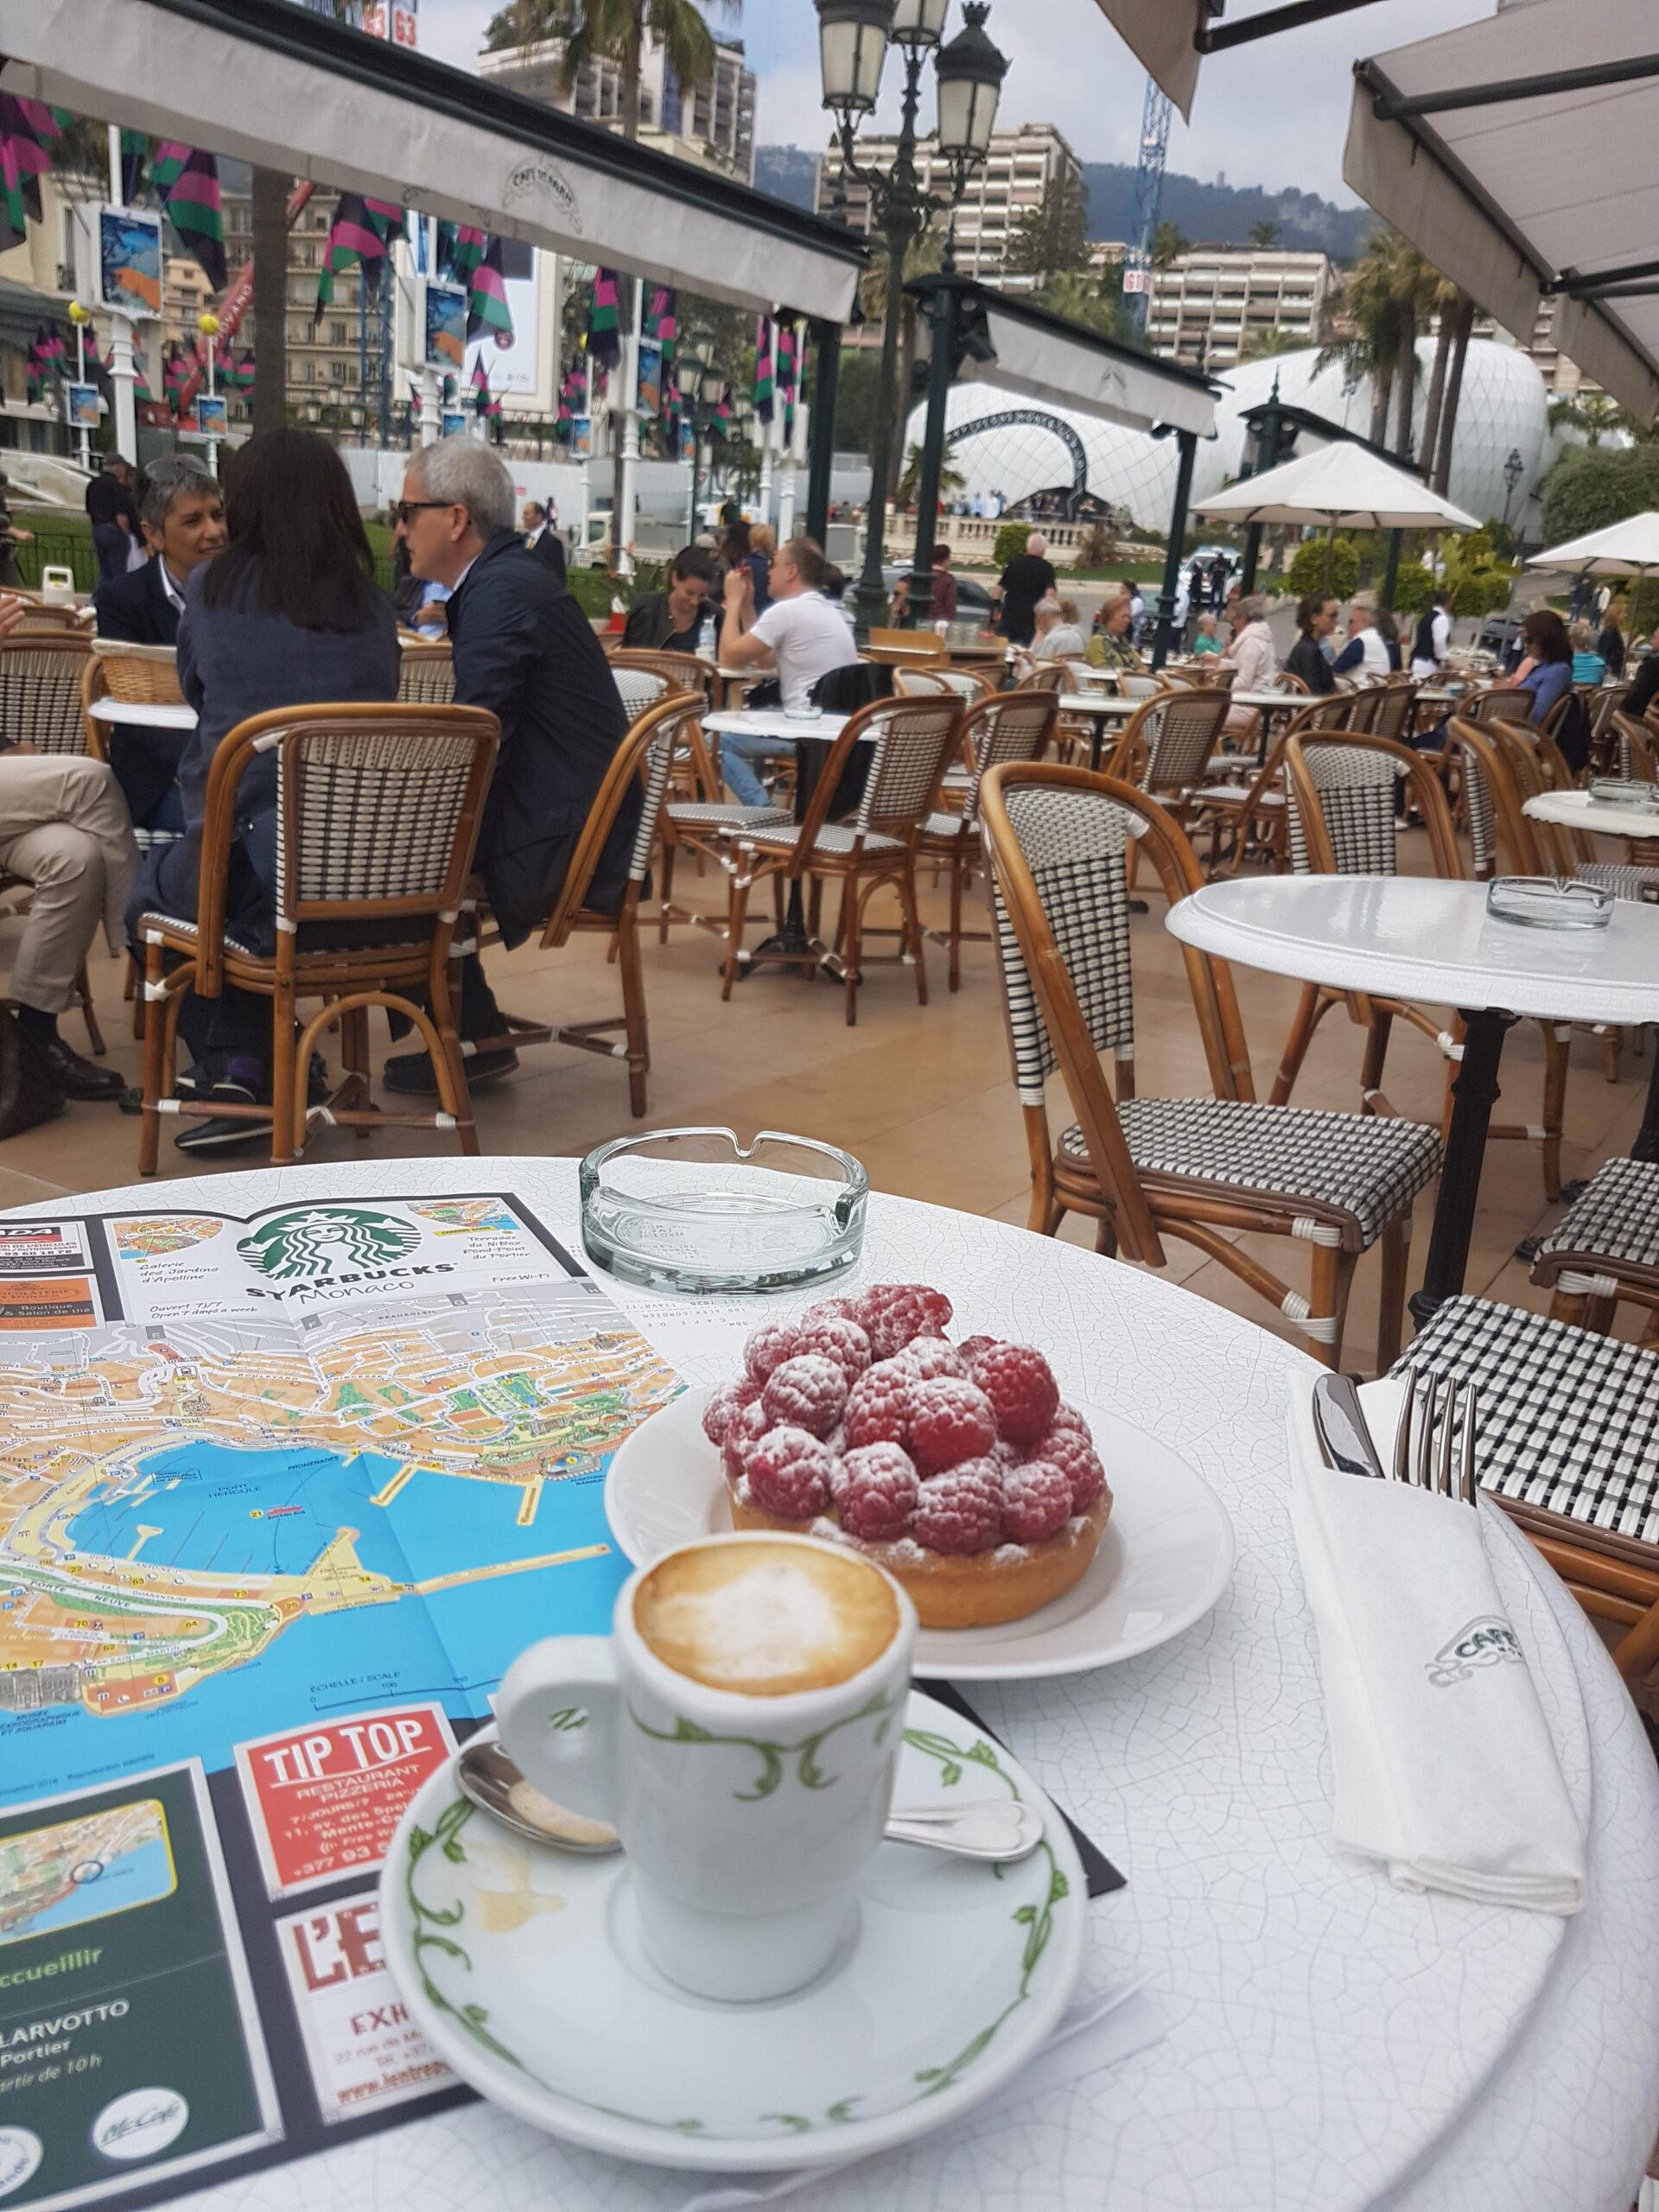 Coffee at Cafe de Paris, Monaco